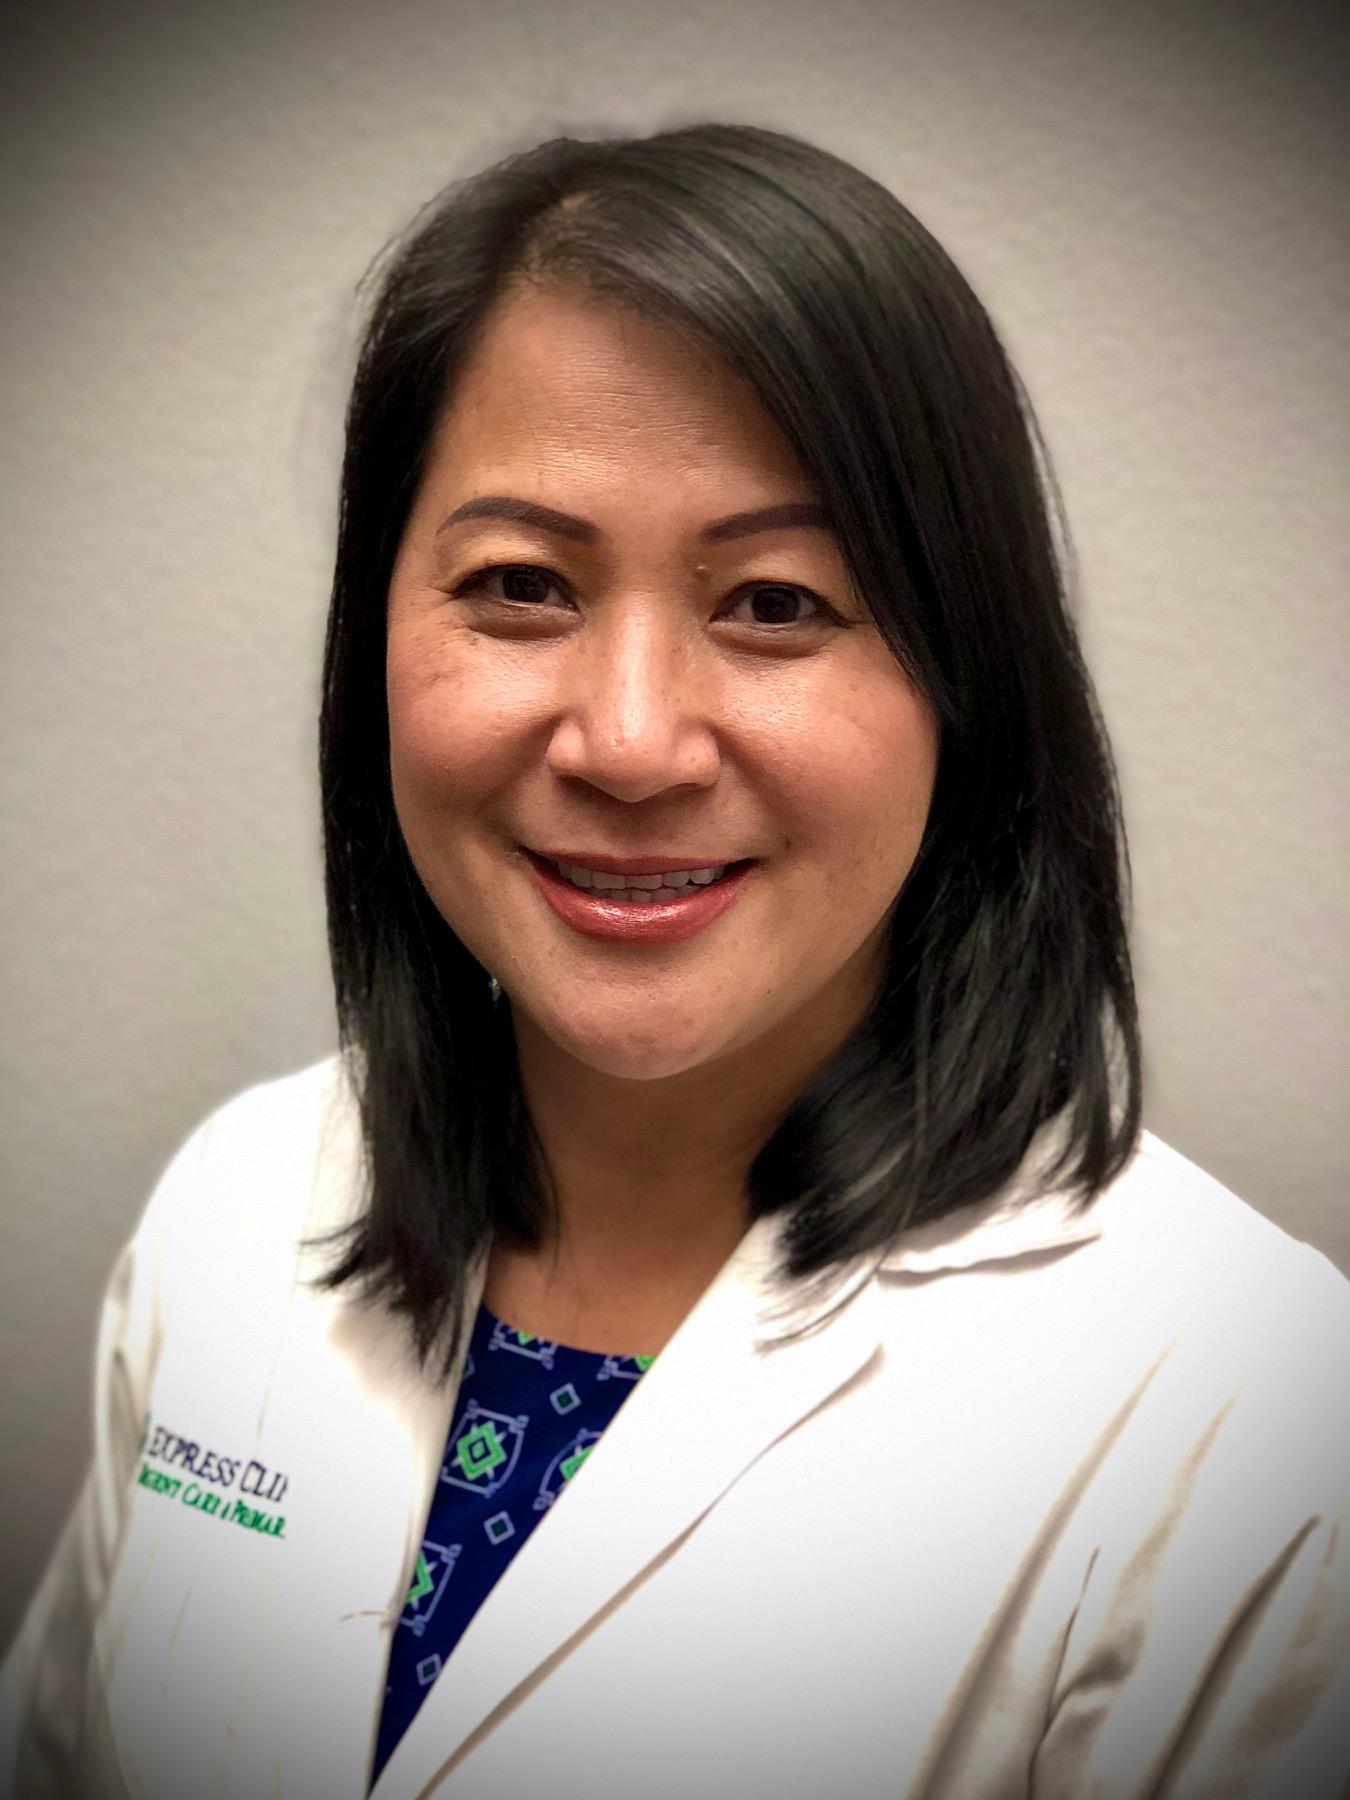 Michelle M. Nguyen, MD